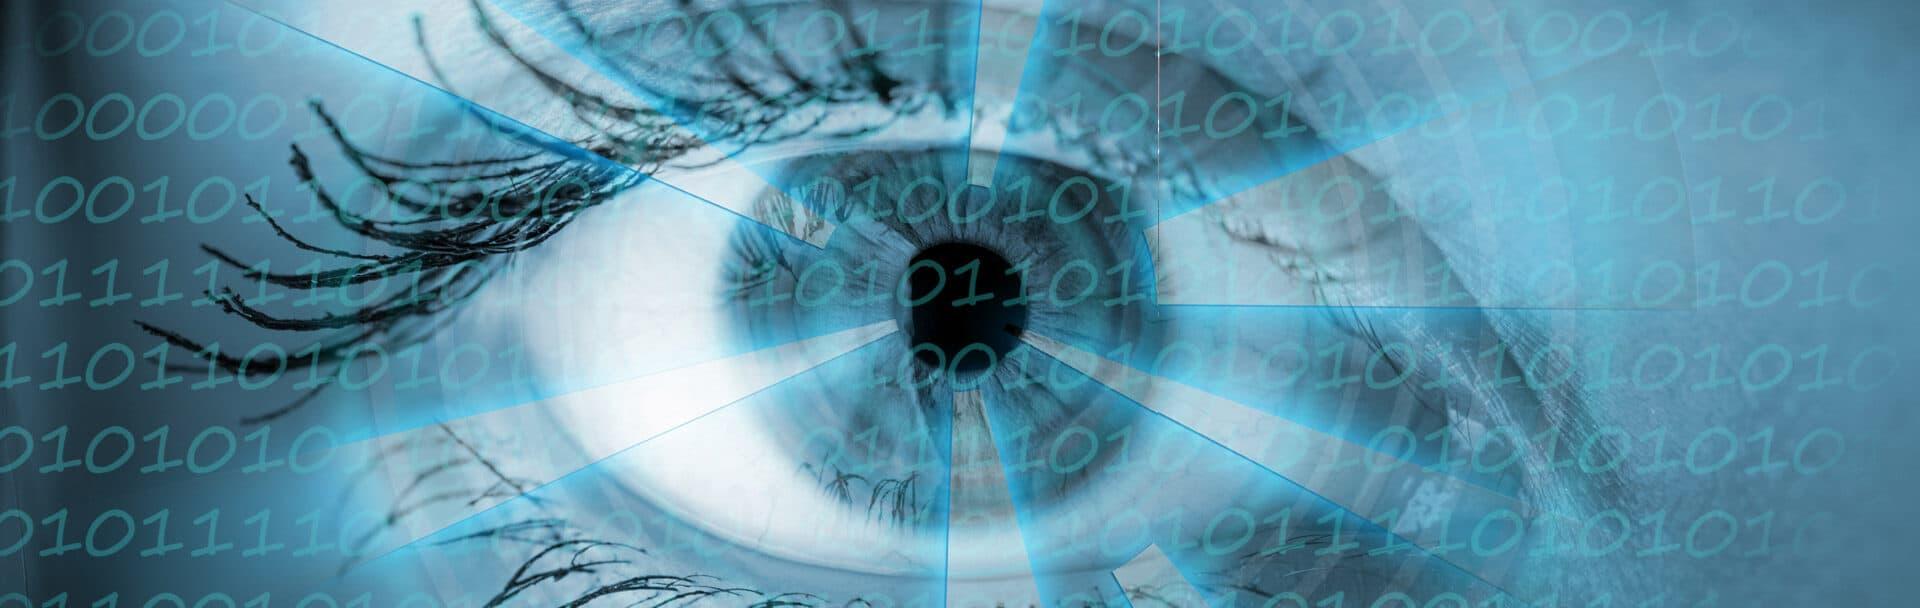 Data Driven Commerce - Future Facts